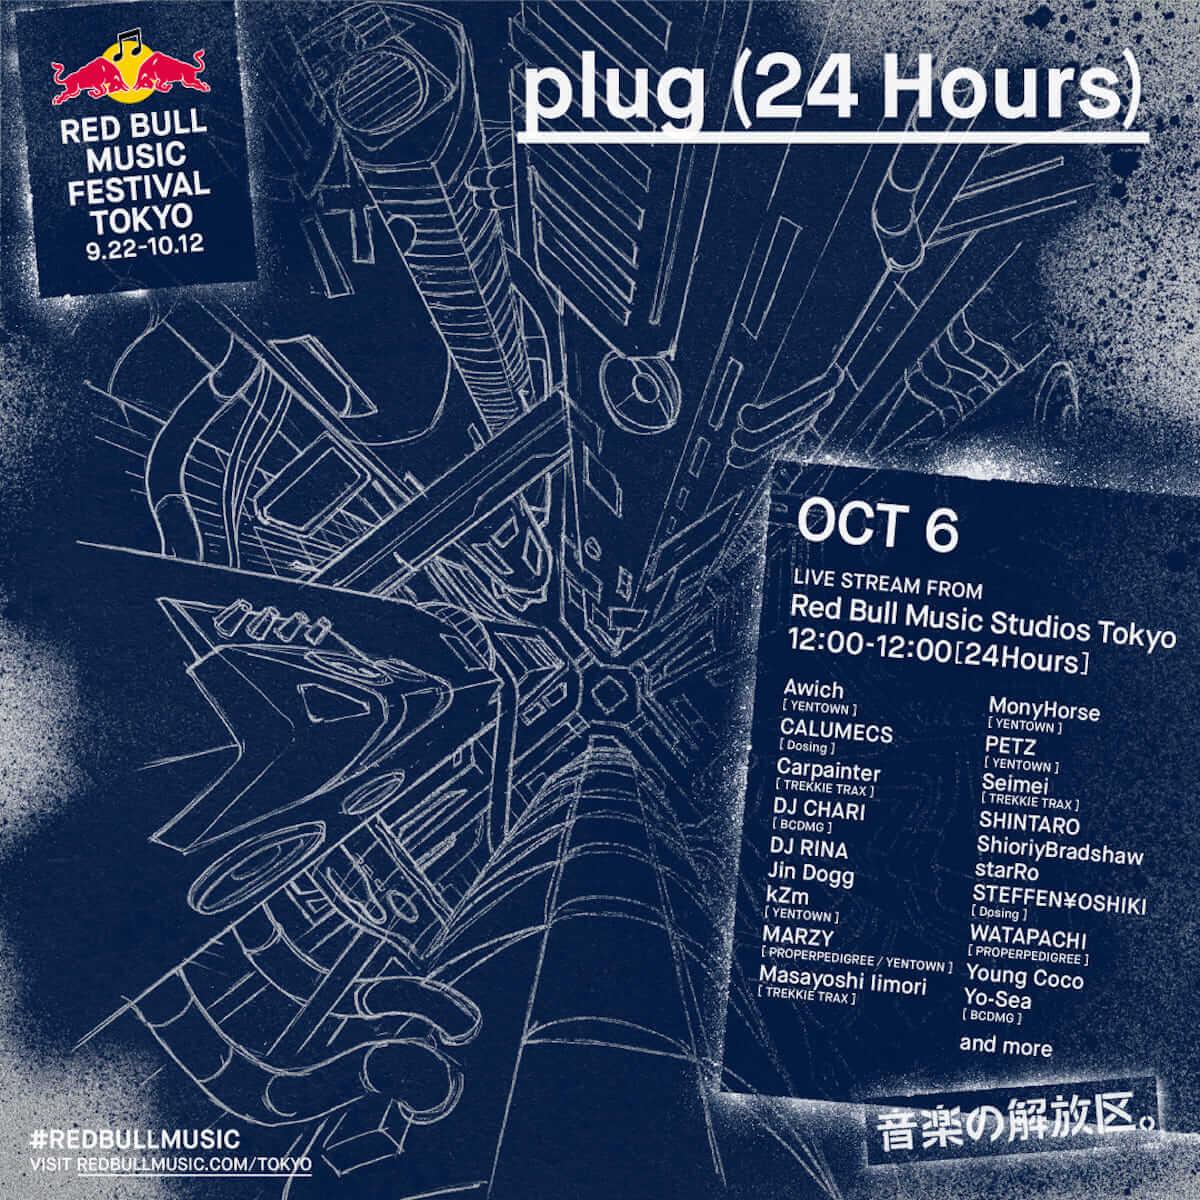 9月から1ヶ月に渡り「RED BULL MUSIC FESTIVAL TOKYO 2018」が開催|山手線の車内が走るライブハウスに? music180806-redbullmusicfestival-8-1200x1200